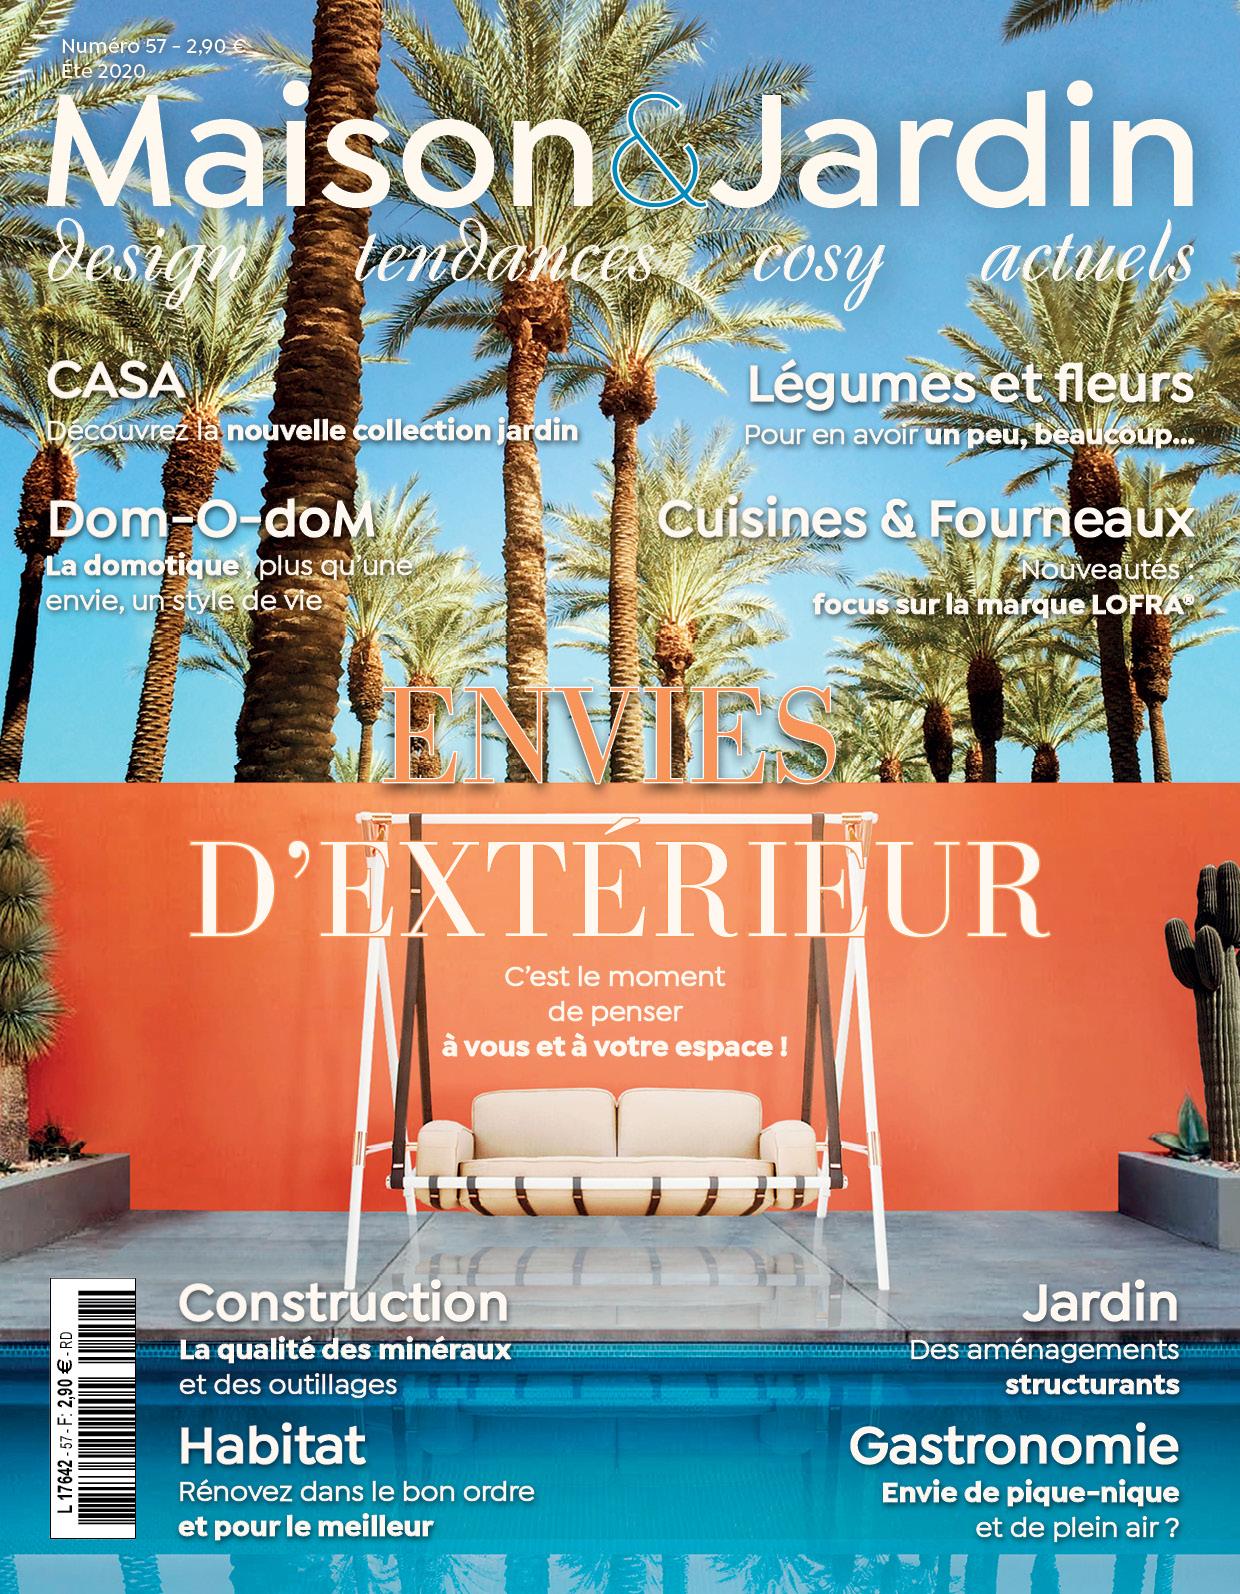 Maison & Jardin actuels: la prochaine publication en approche!